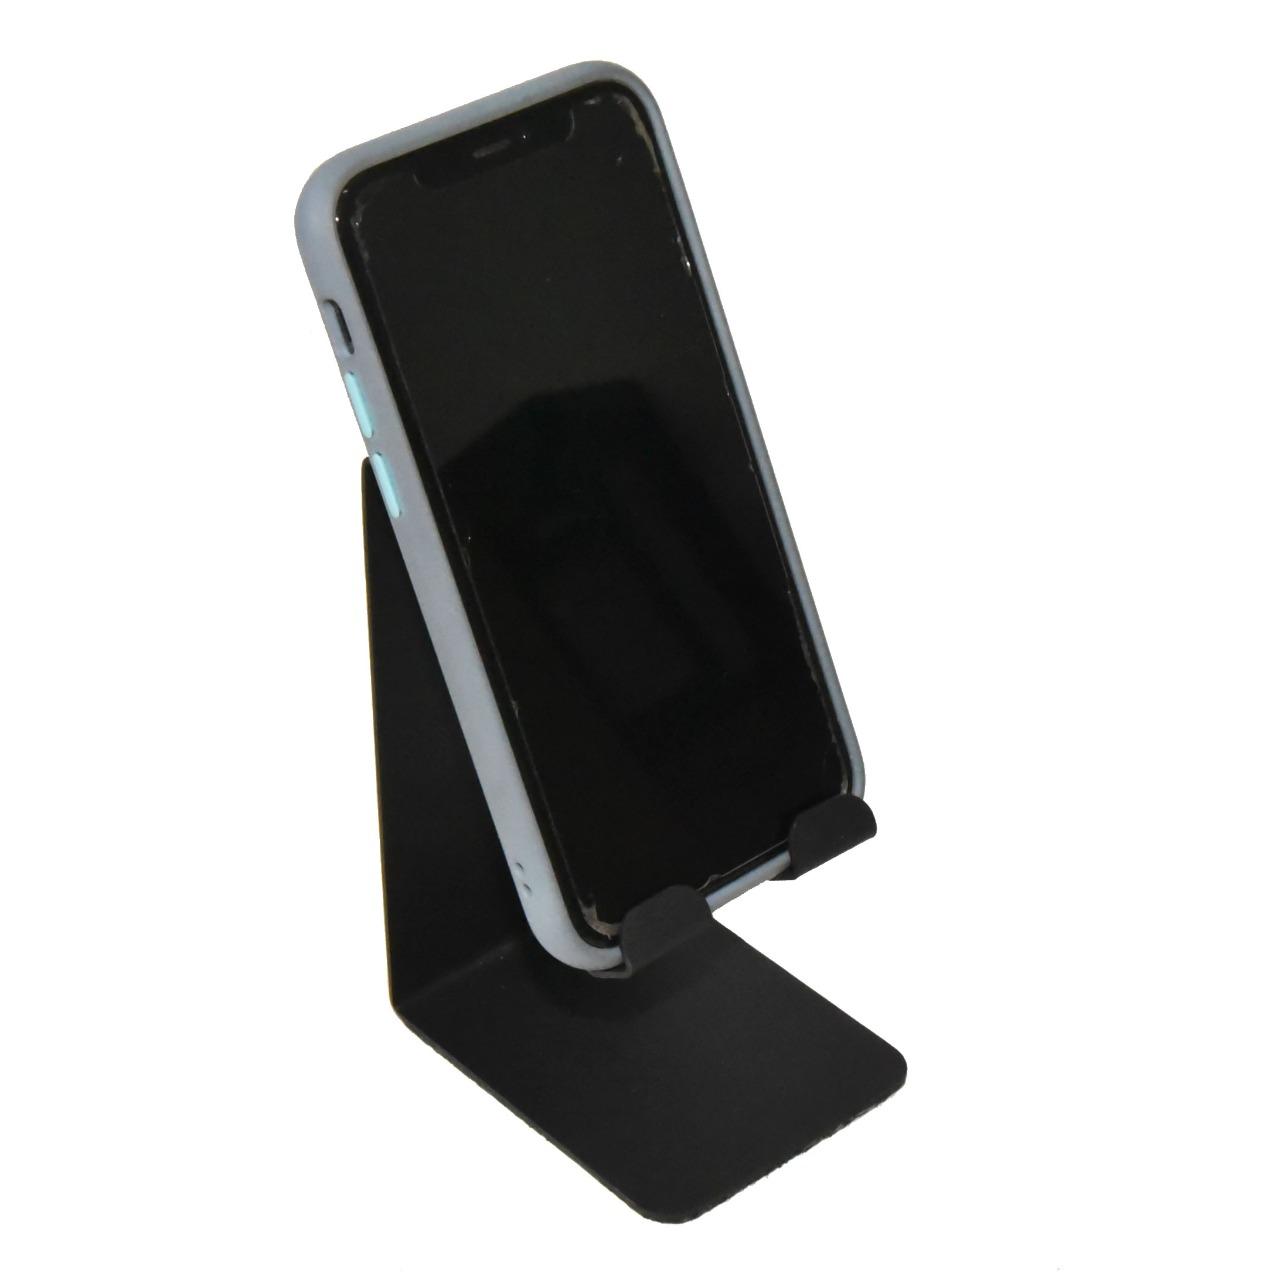 Suporte Celular de Mesa Smartphone Iphone Universal Escritório Lives Display Samsung LG Xioami Motorola Nokia Positivo Alcatel Multilaser Asus HP Metal